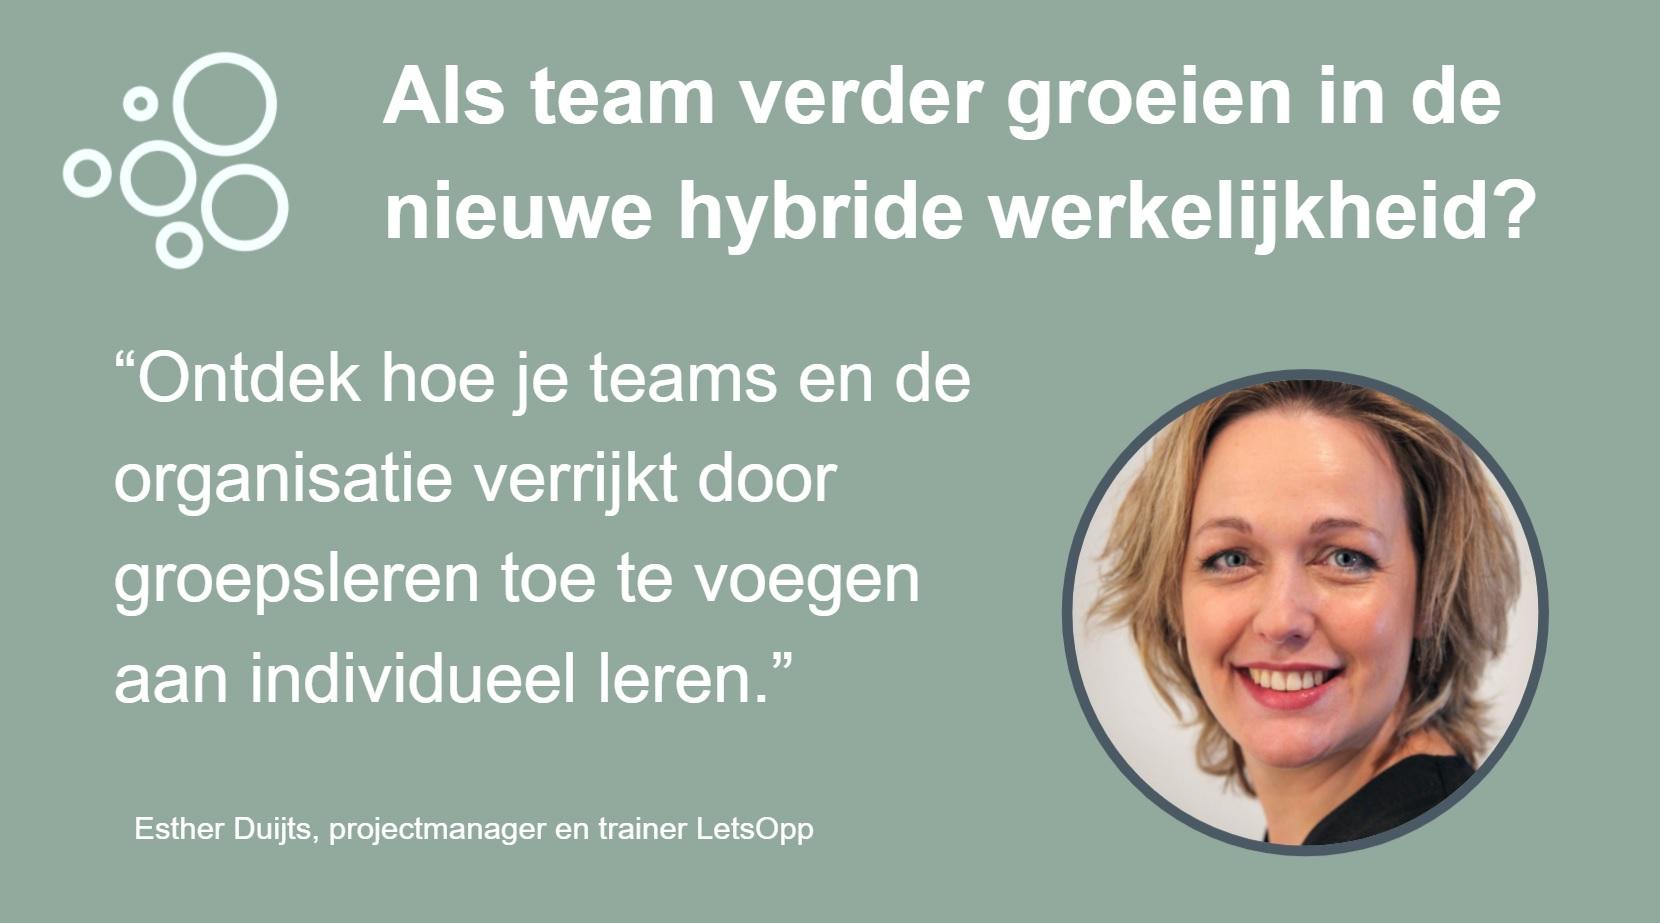 Als team verder groeien in hybride werkelijkheid